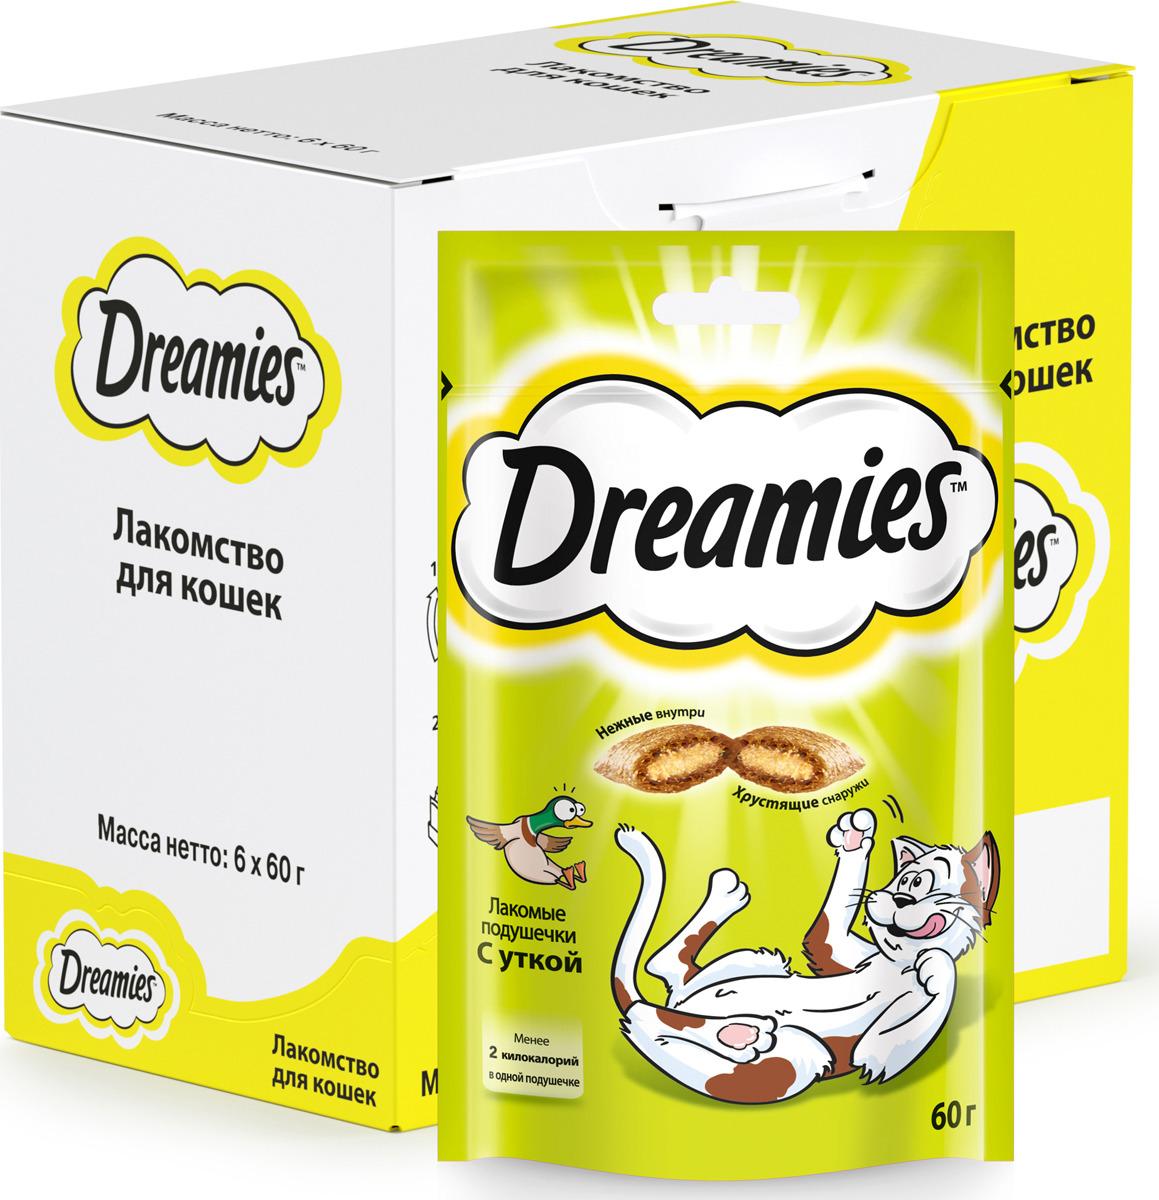 Лакомство для взрослых кошек Dreamies, подушечки с уткой, 60 г лакомство для взрослых кошек dreamies подушечки с курицей 140 г